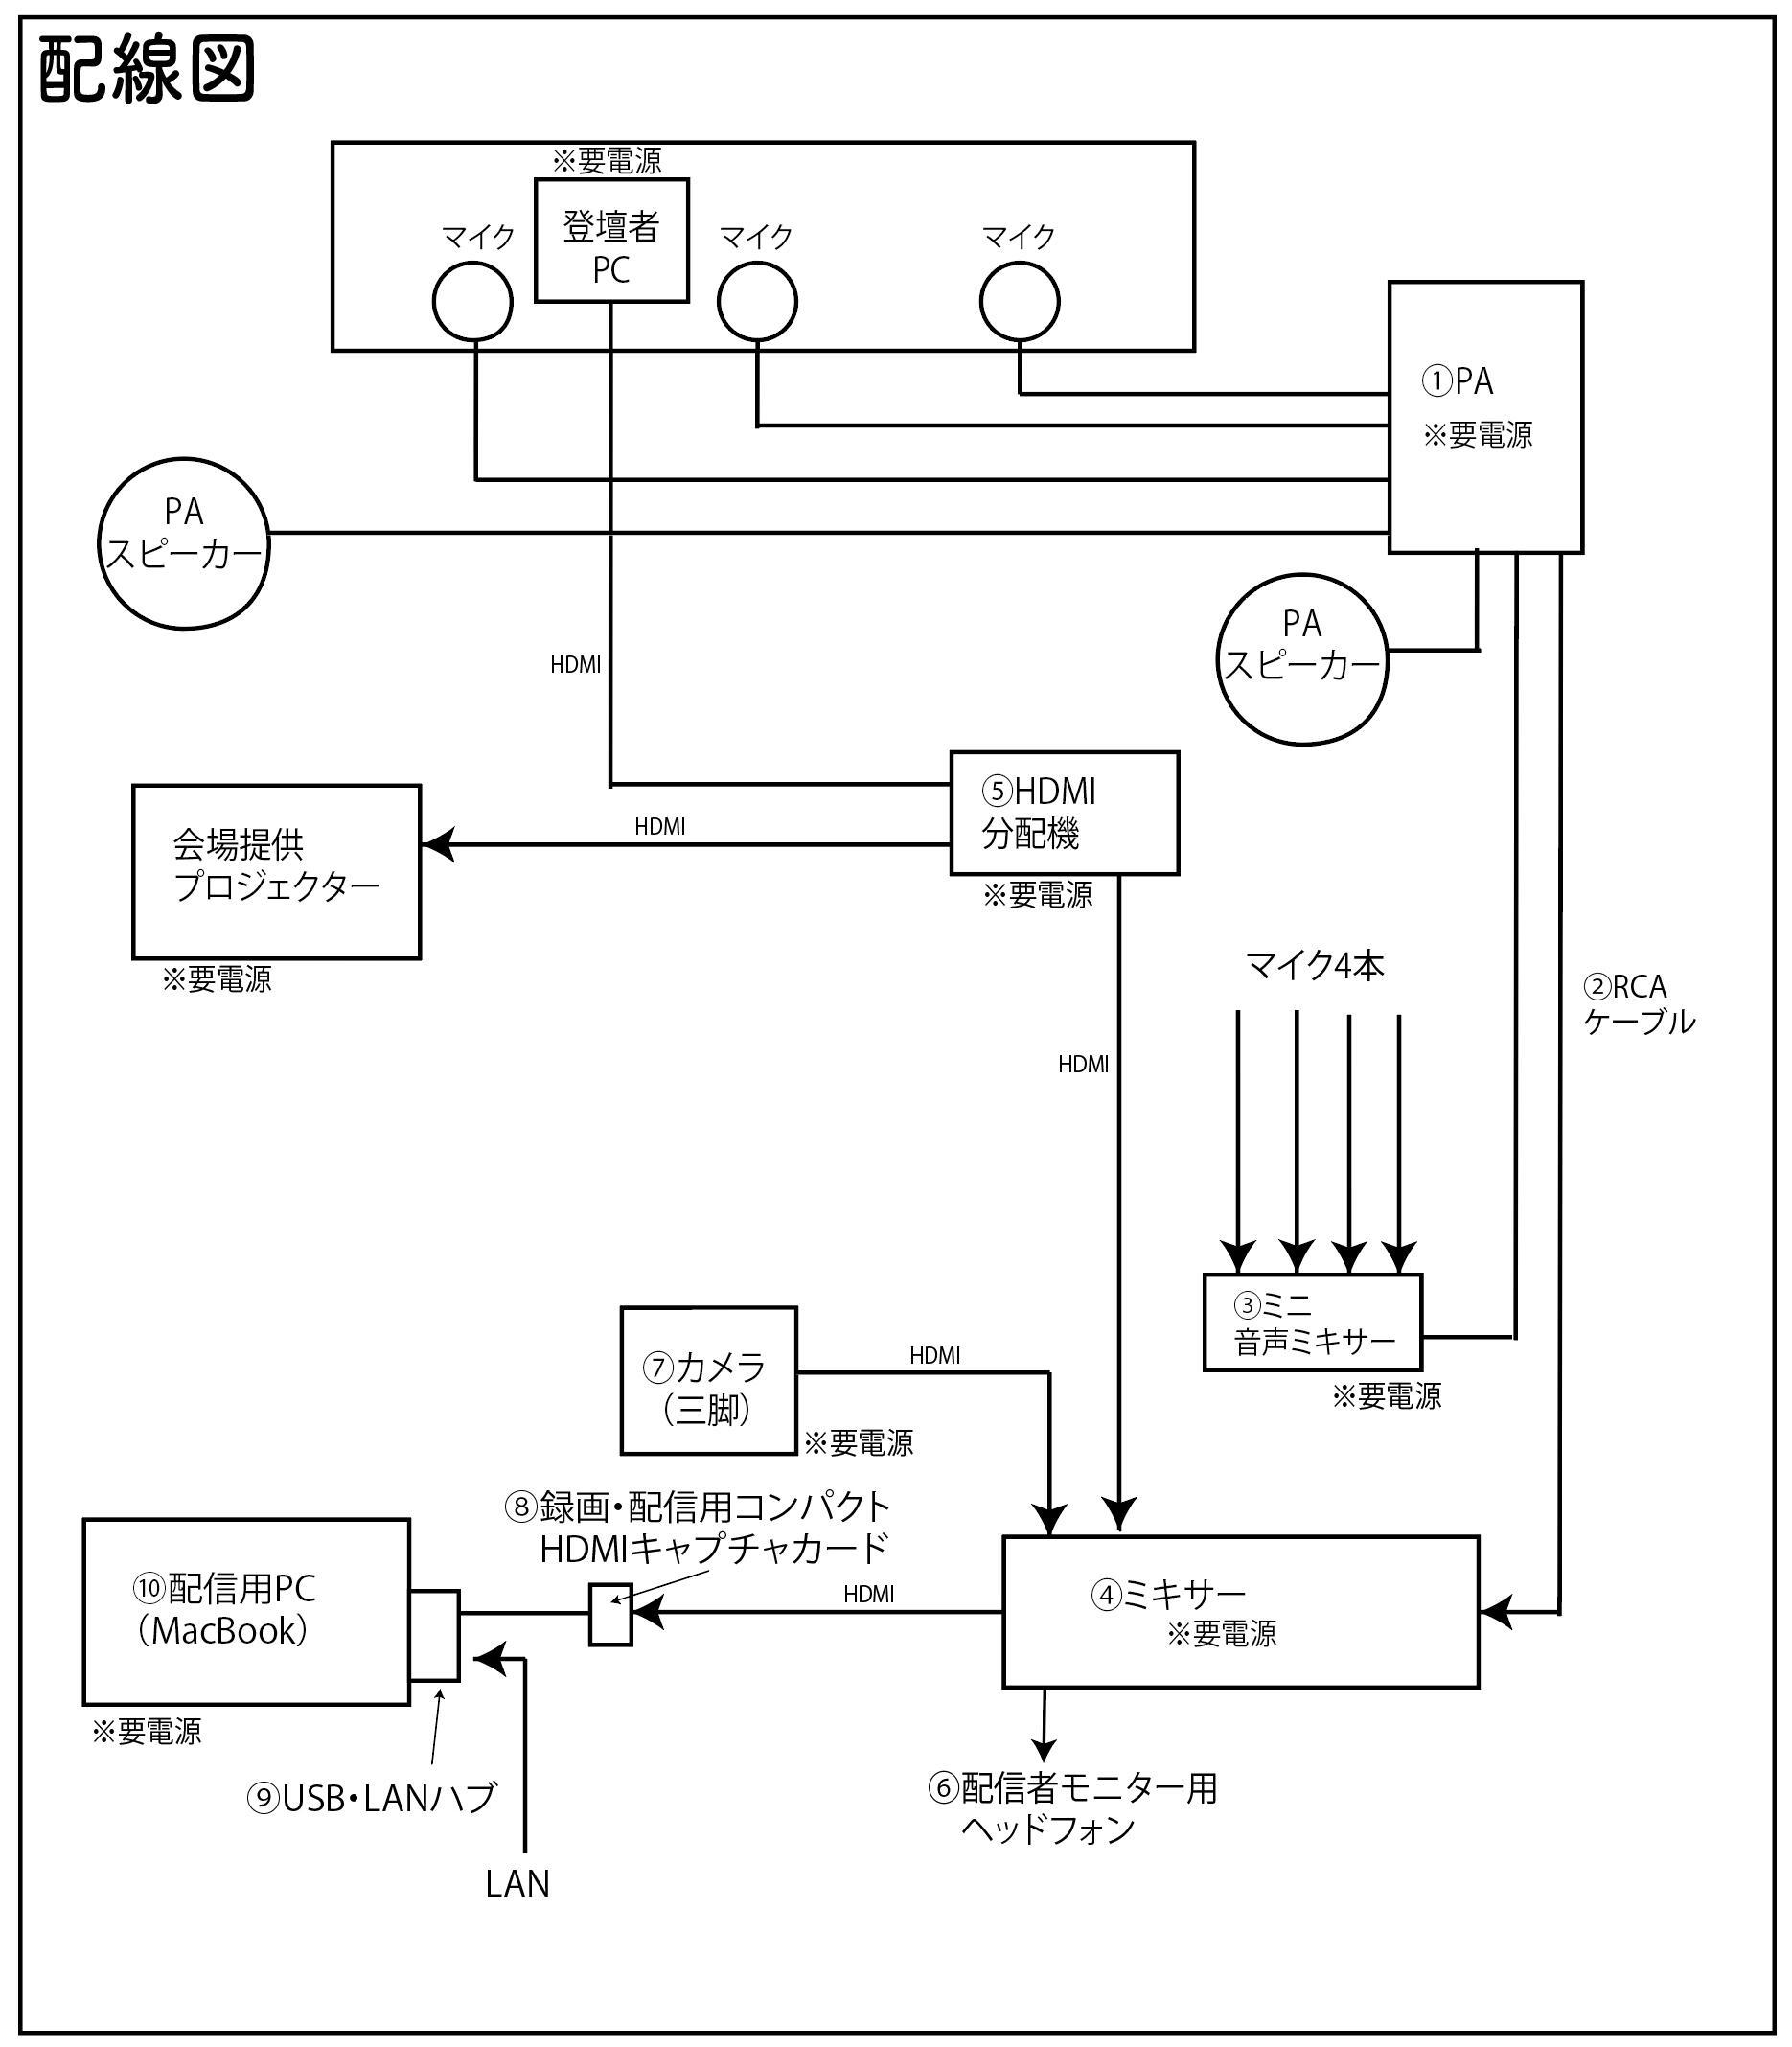 配線設計図20200921.jpg